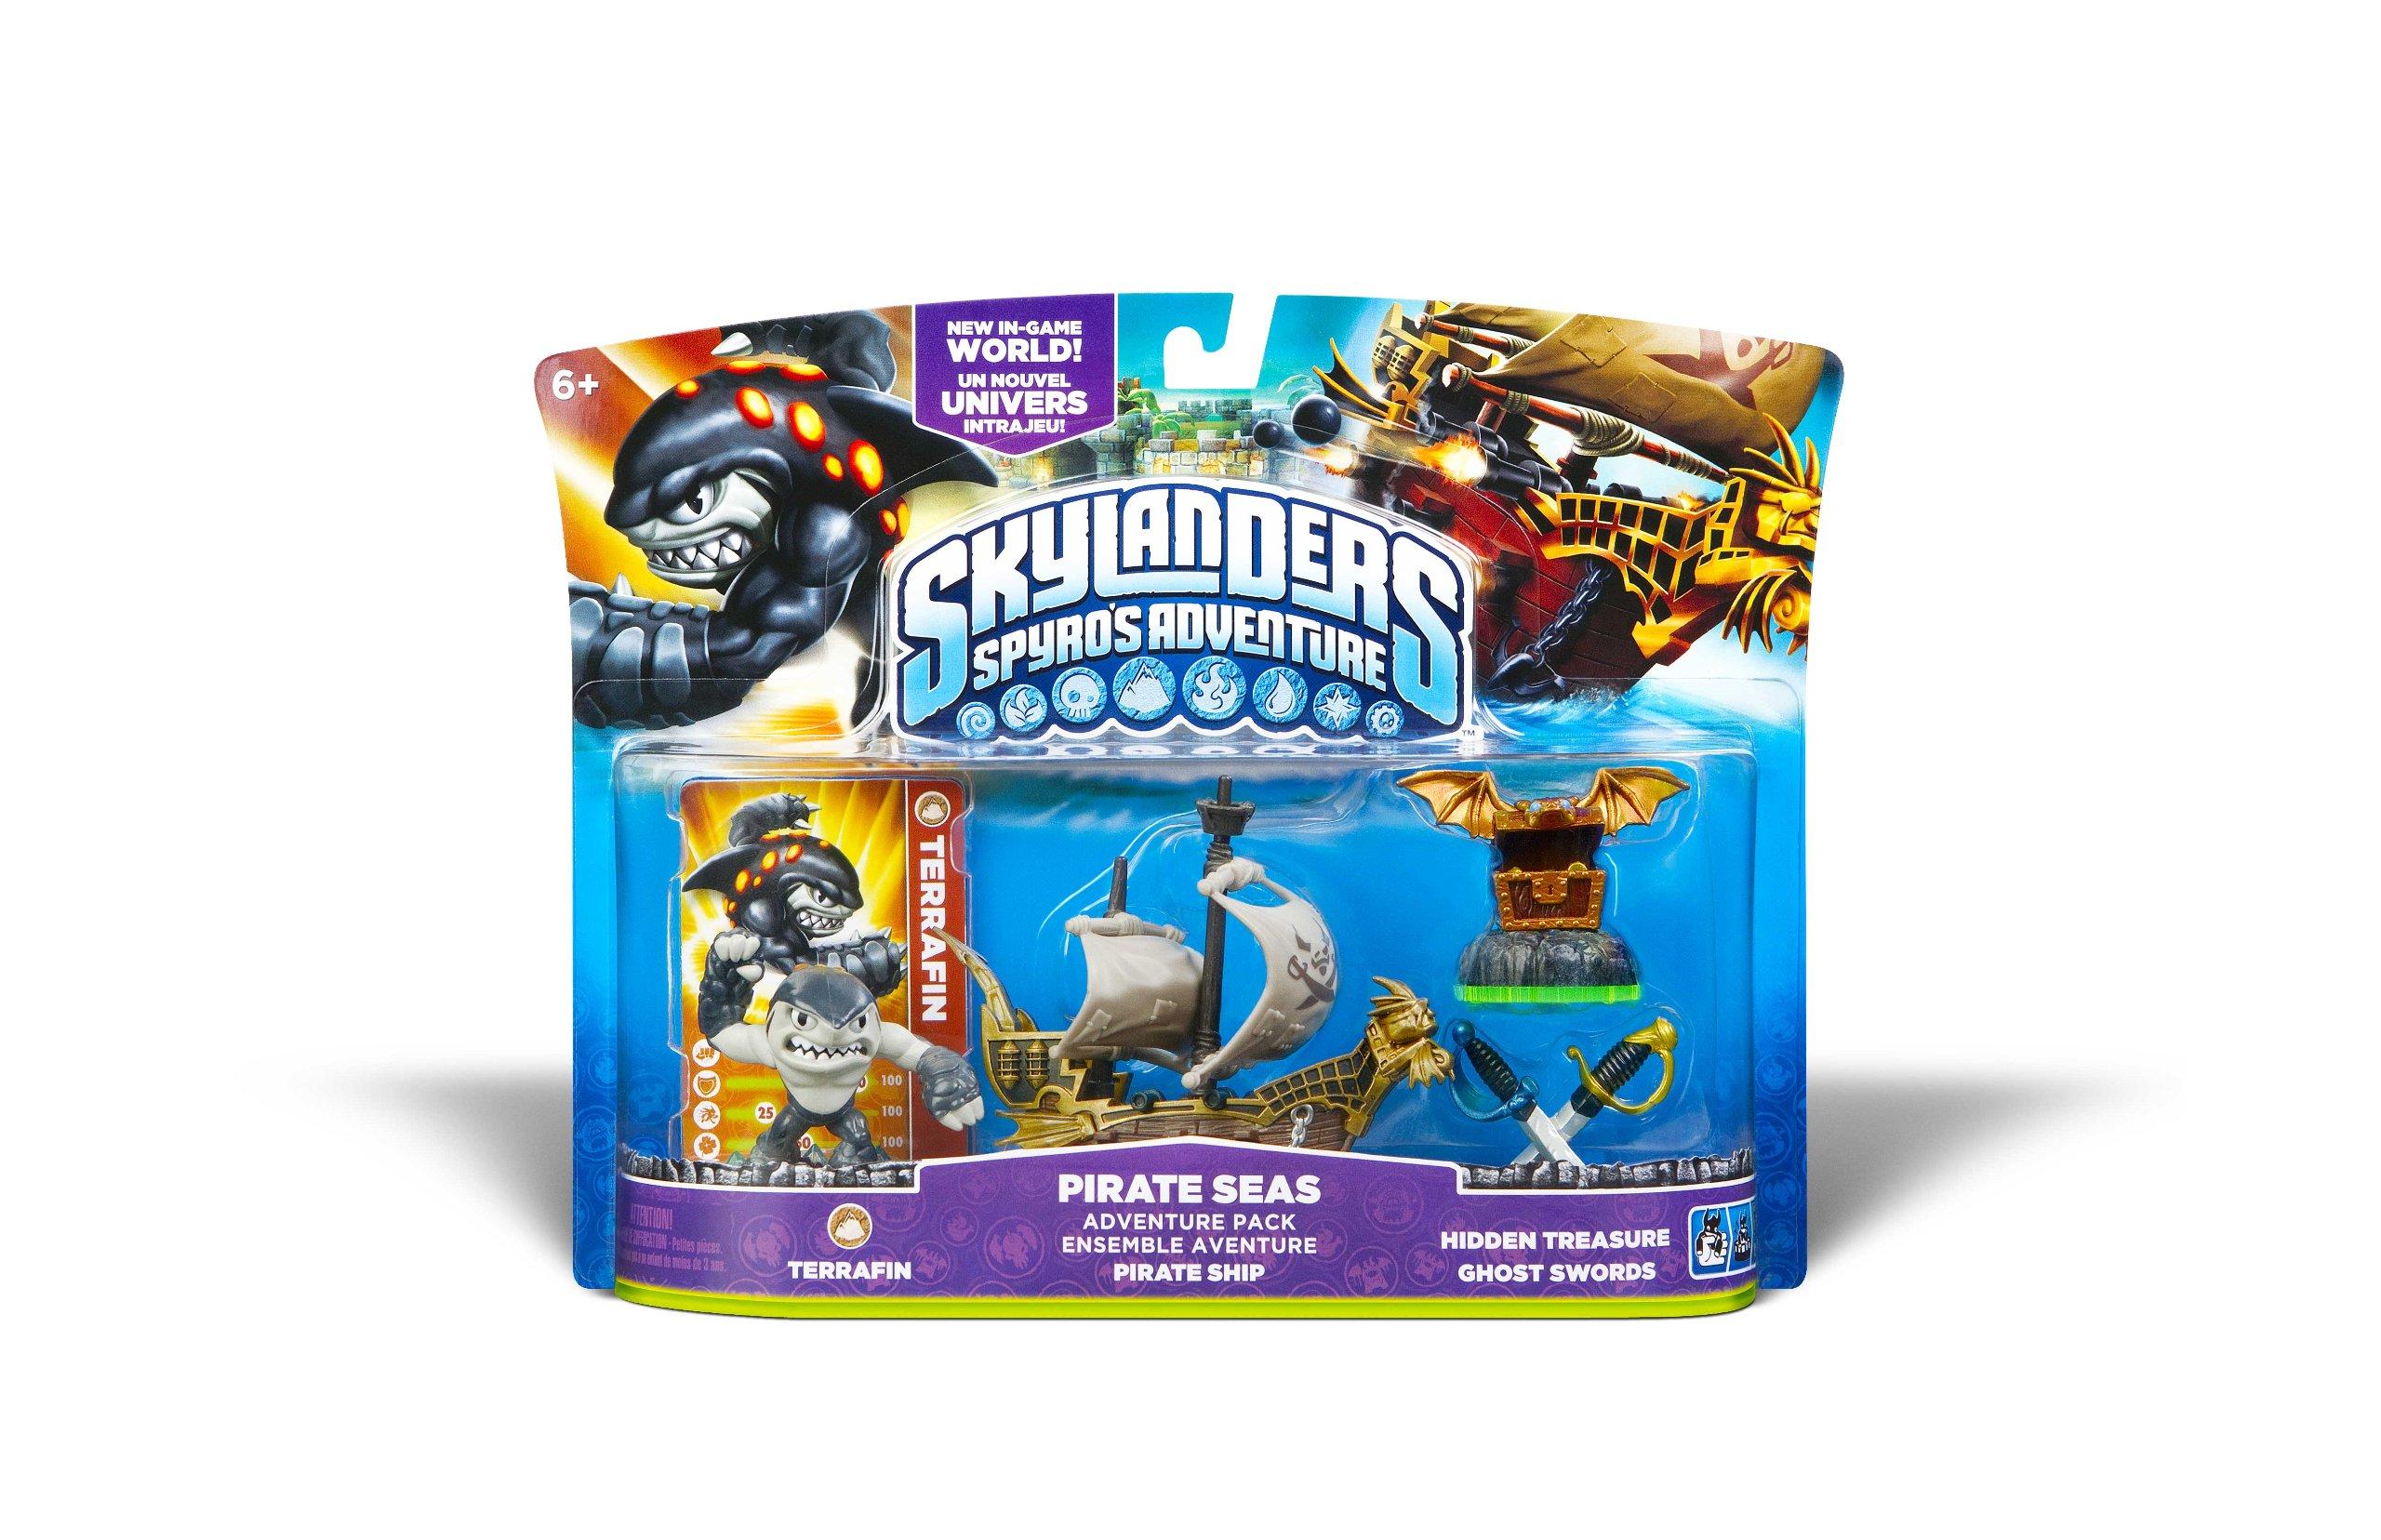 Skylanders Spyro's Adventure Pack - Pirate Seas